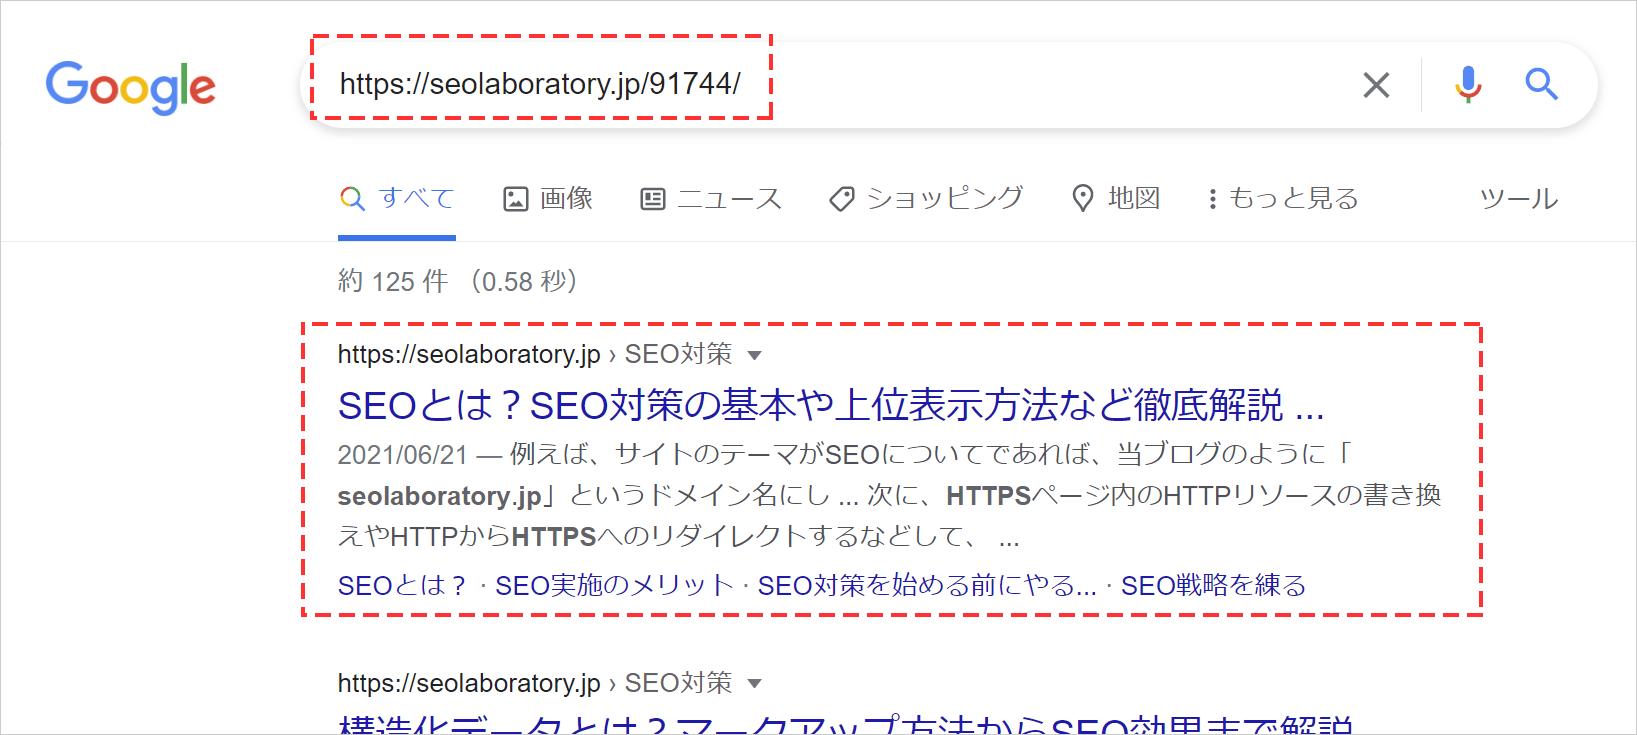 URLで検索して、Googleにサイト登録されてるか確認する